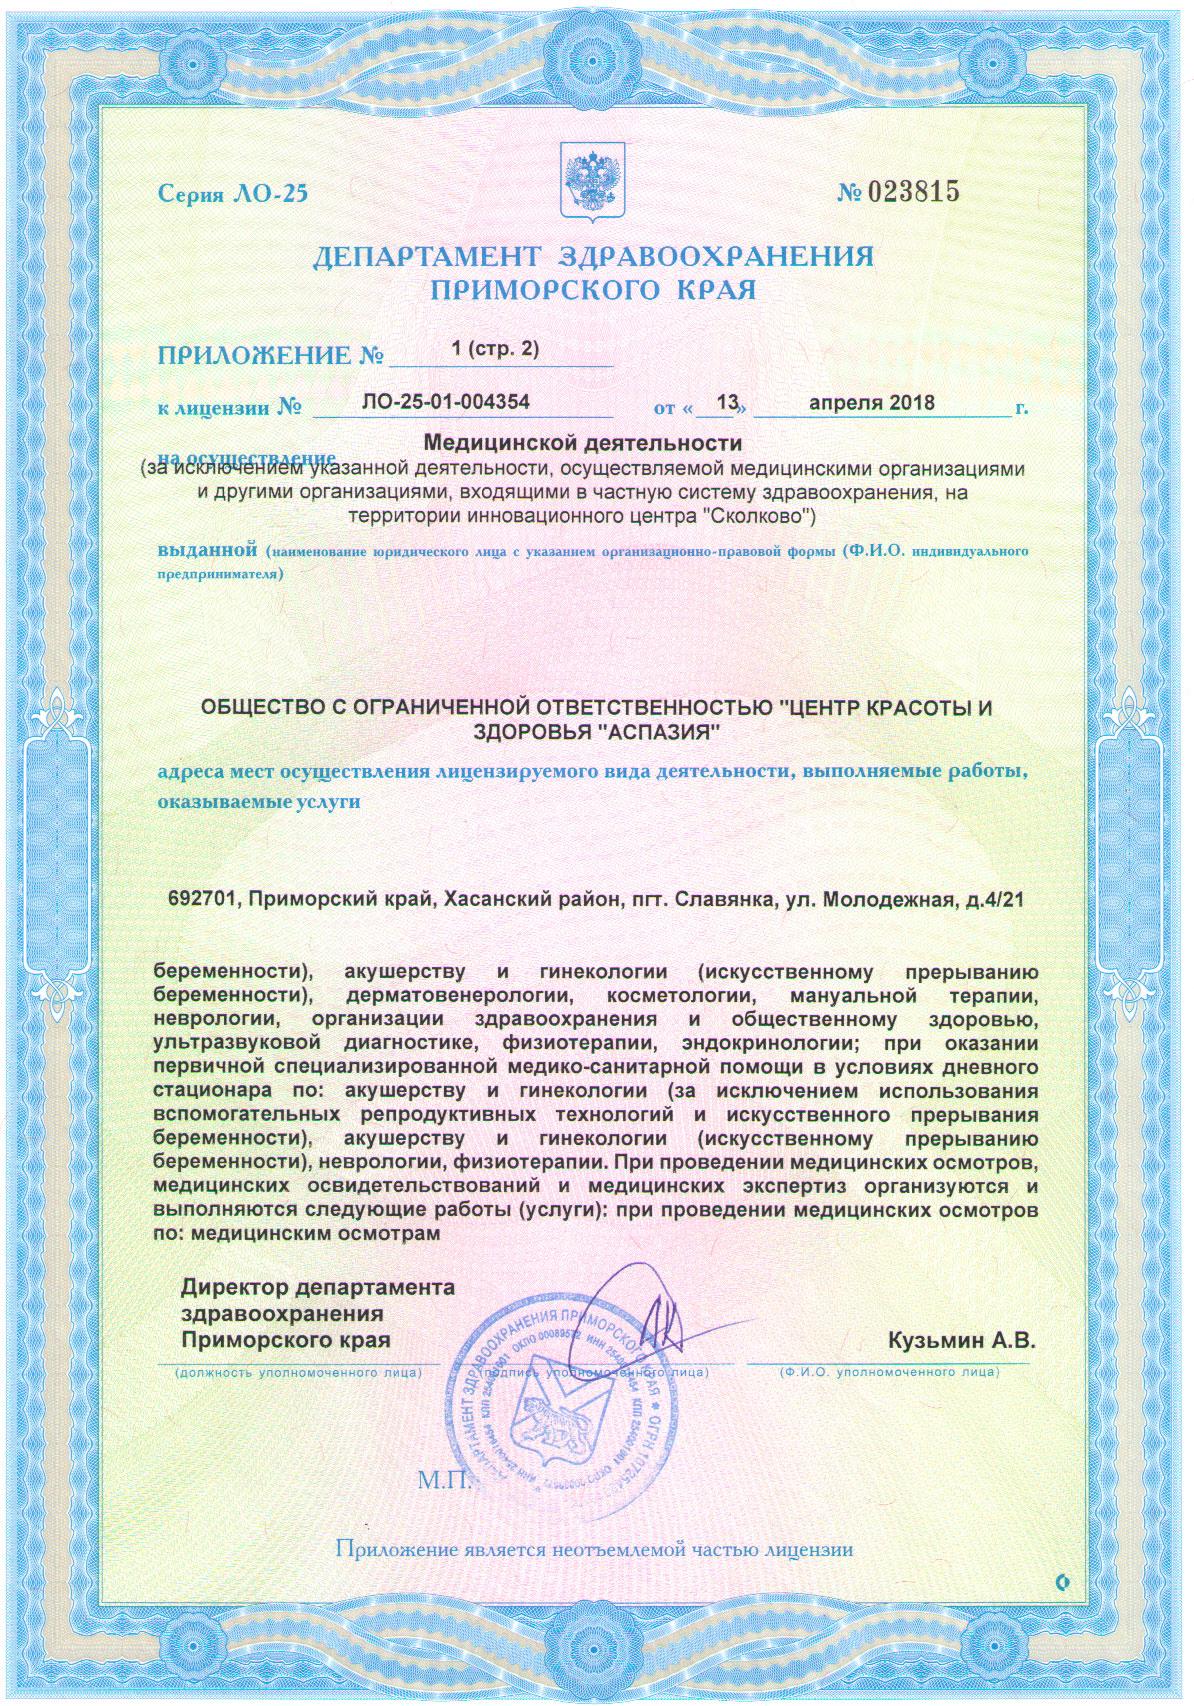 Лицензия приложение стр. 2